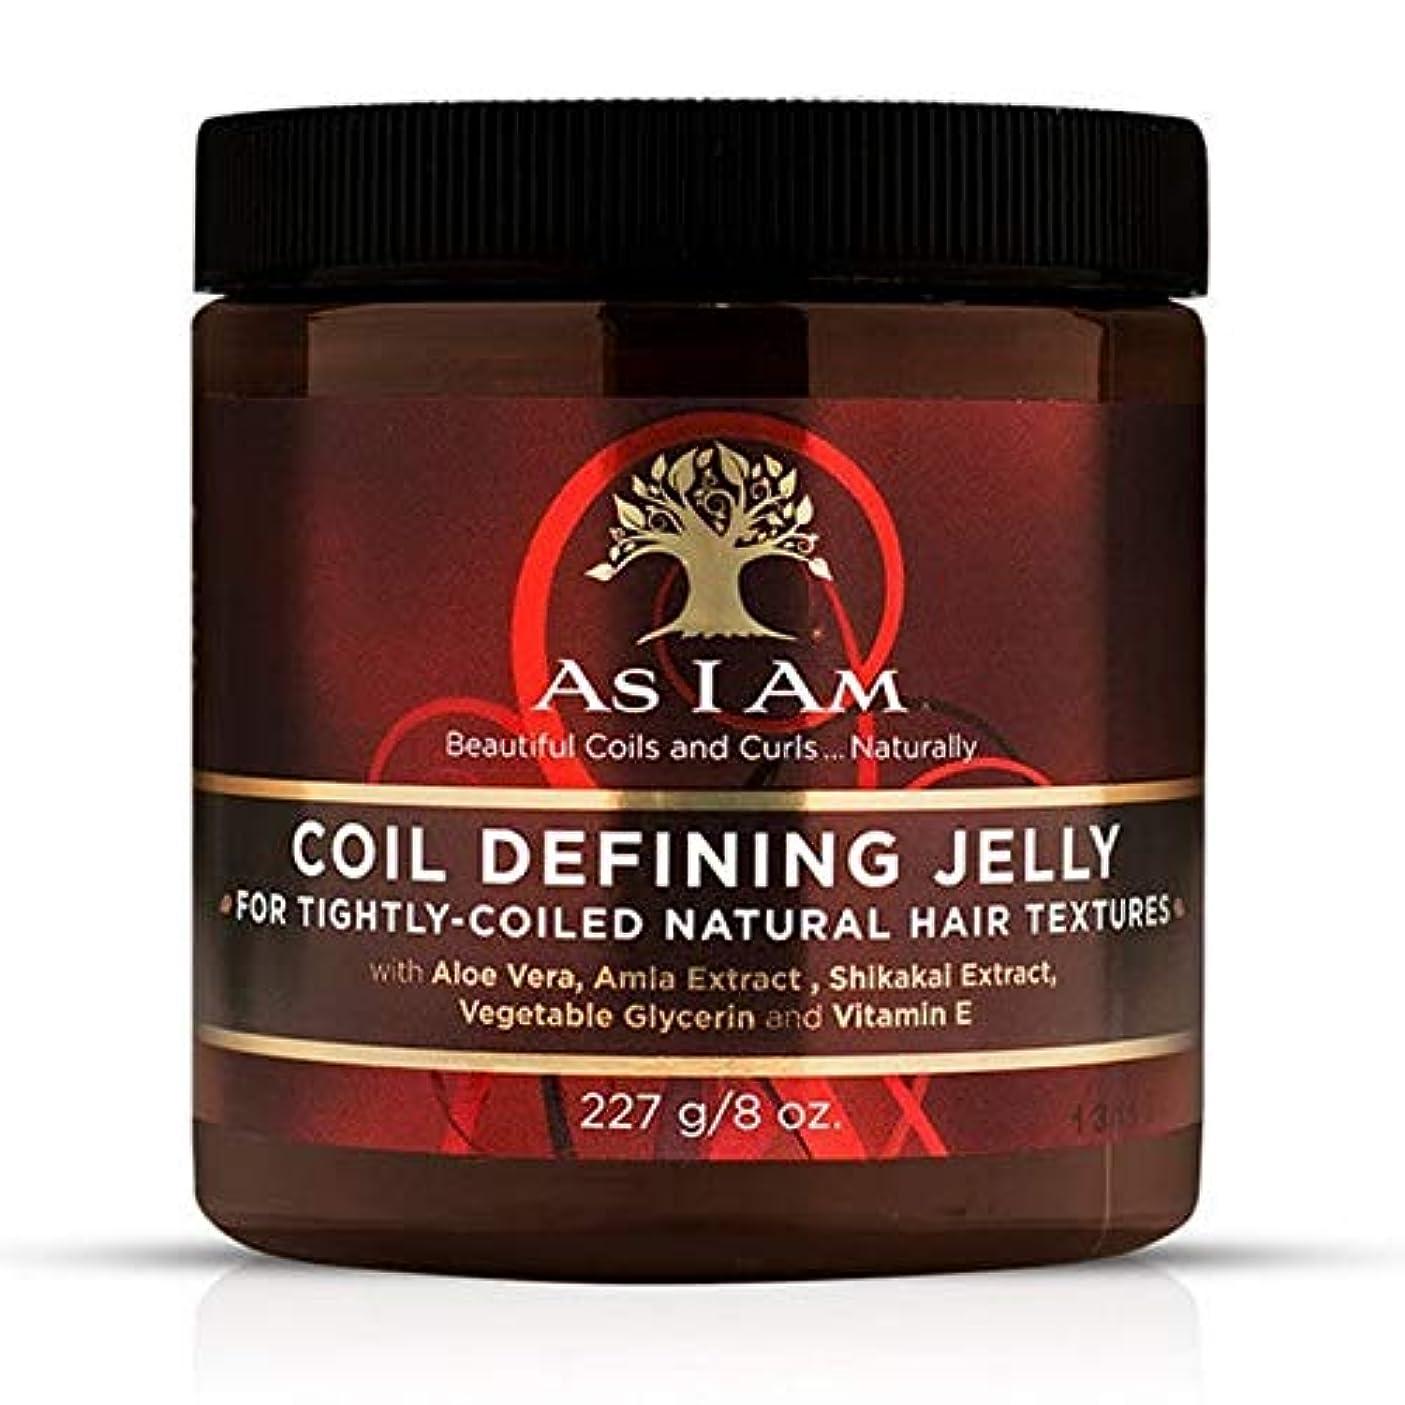 気配りのあるよろしくひどい[AS I AM] 私はスタイリングゼリー227グラムを定義するコイル当然だとして - AS I AM Naturally Coil Defining Styling Jelly 227g [並行輸入品]